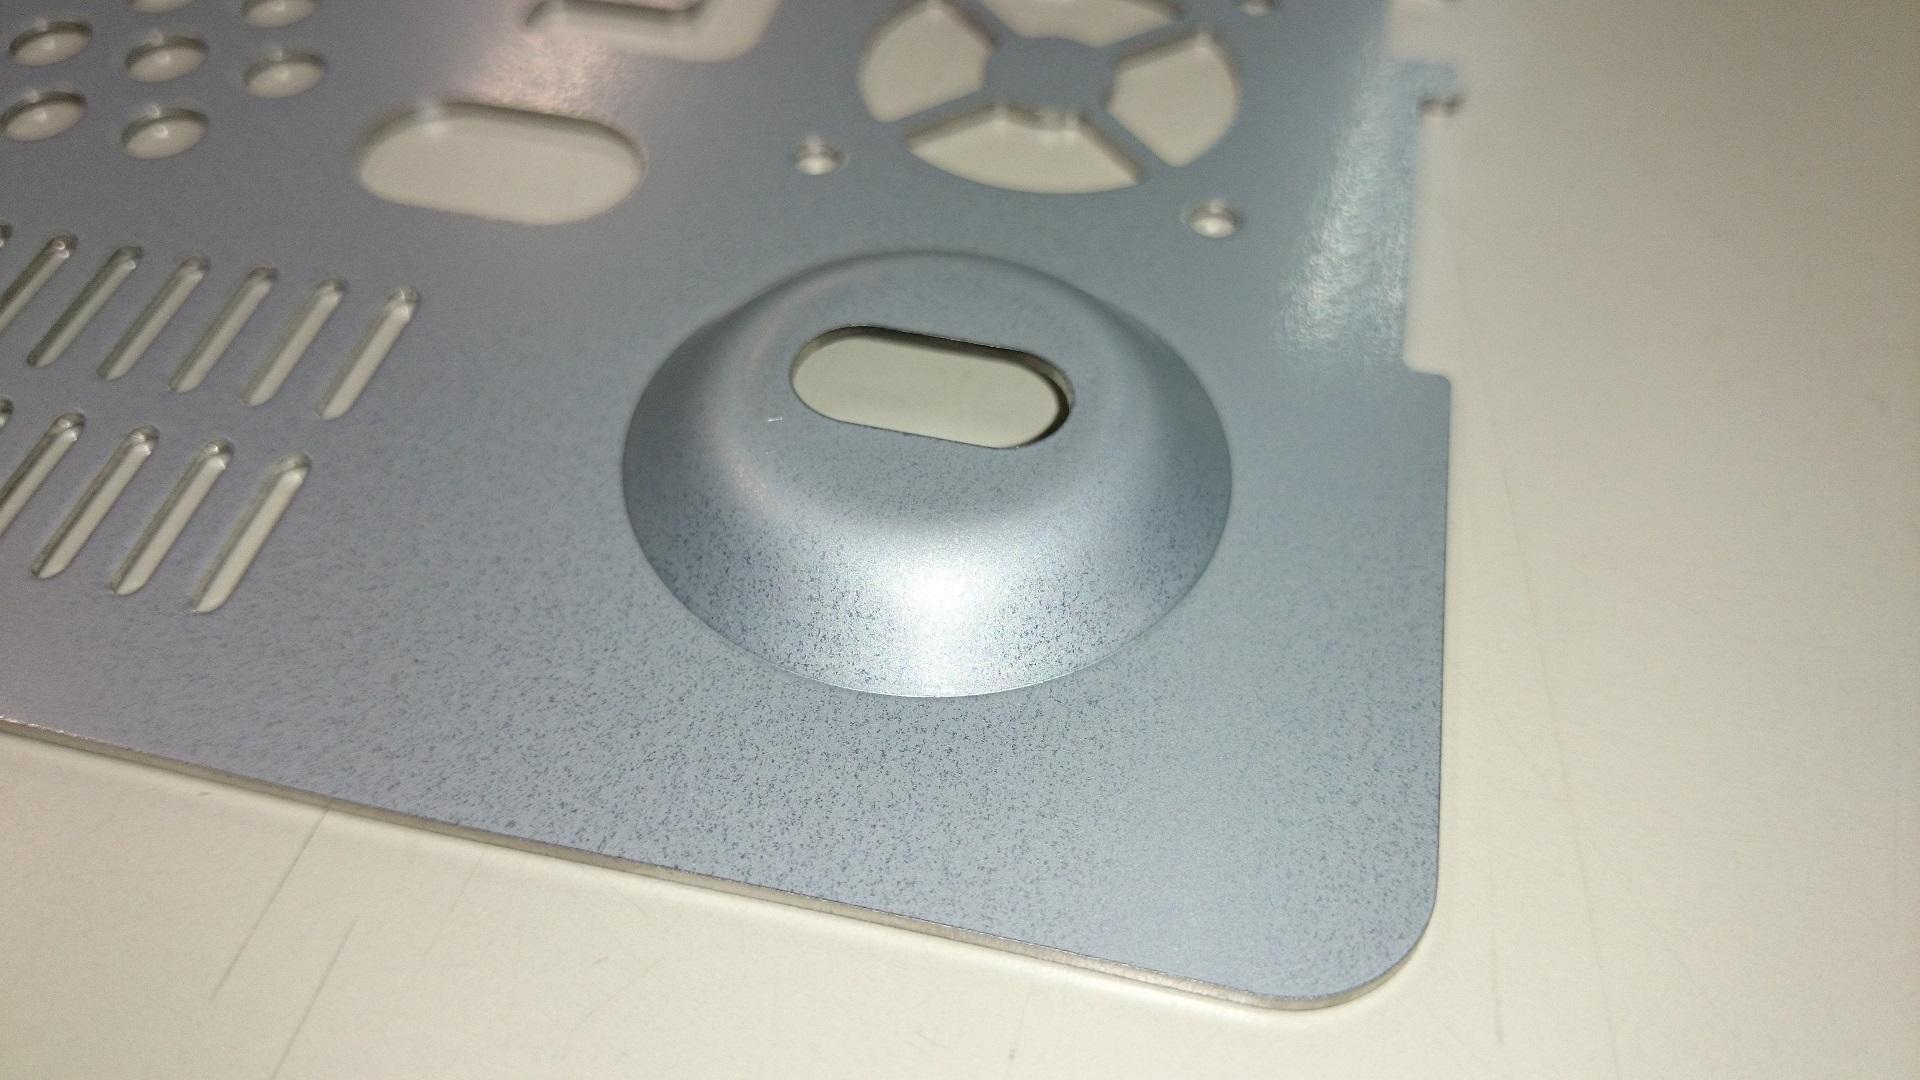 レーザ切断とターレットパンチプレスによる複合精密板金ブランク加工